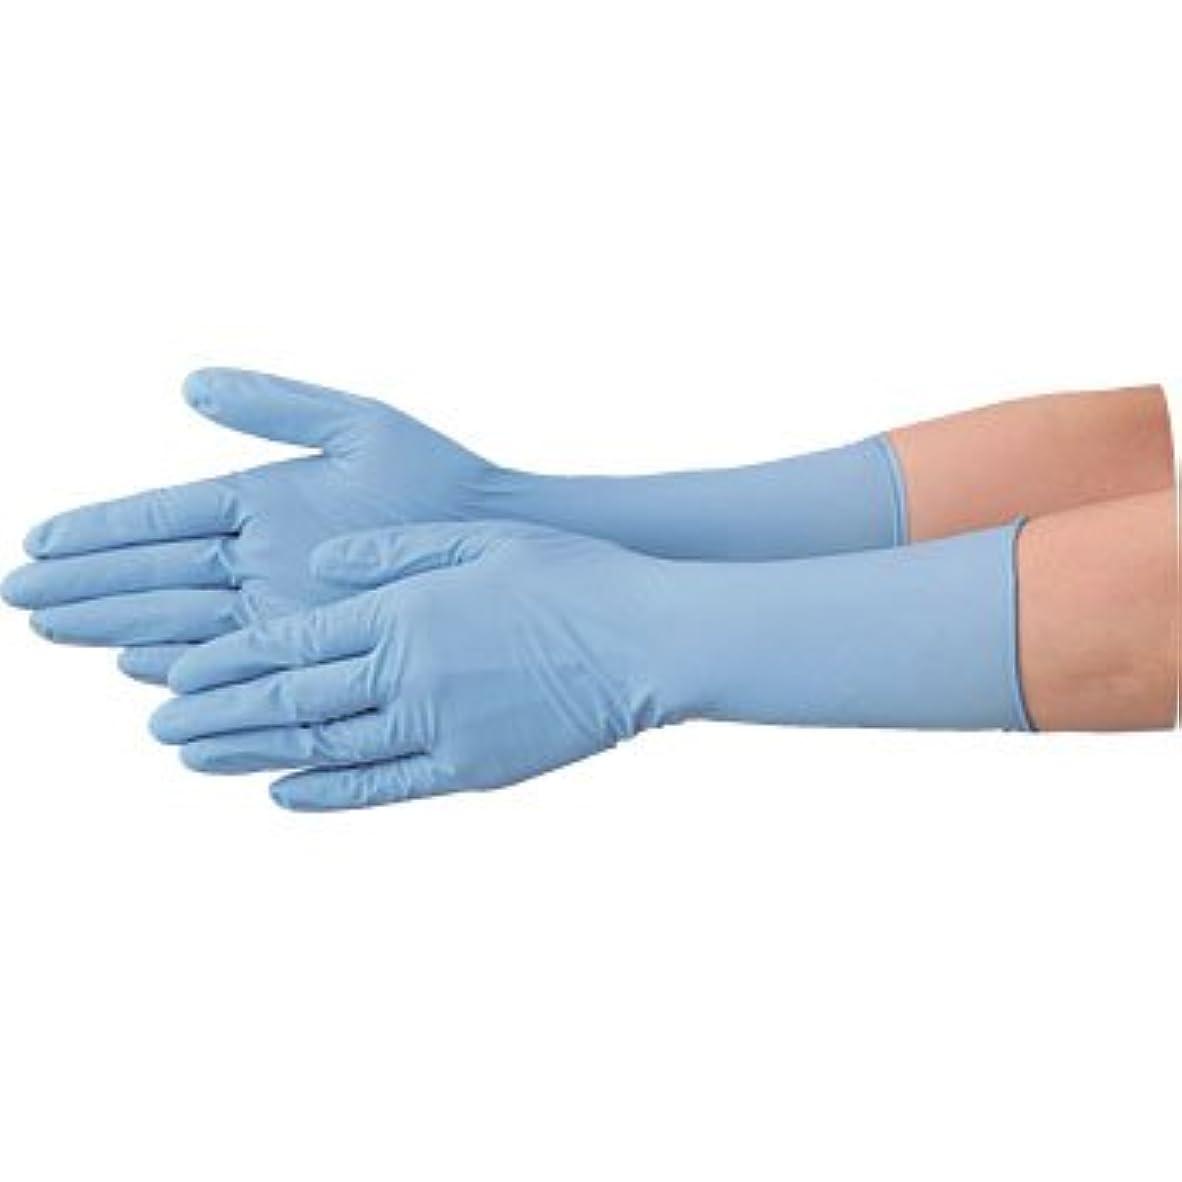 静めるメーターここに使い捨て 手袋 エブノ 528 ニトリル ロング手袋 パウダーフリー 全長29cm ブルー Lサイズ 2ケース(100枚×40箱)